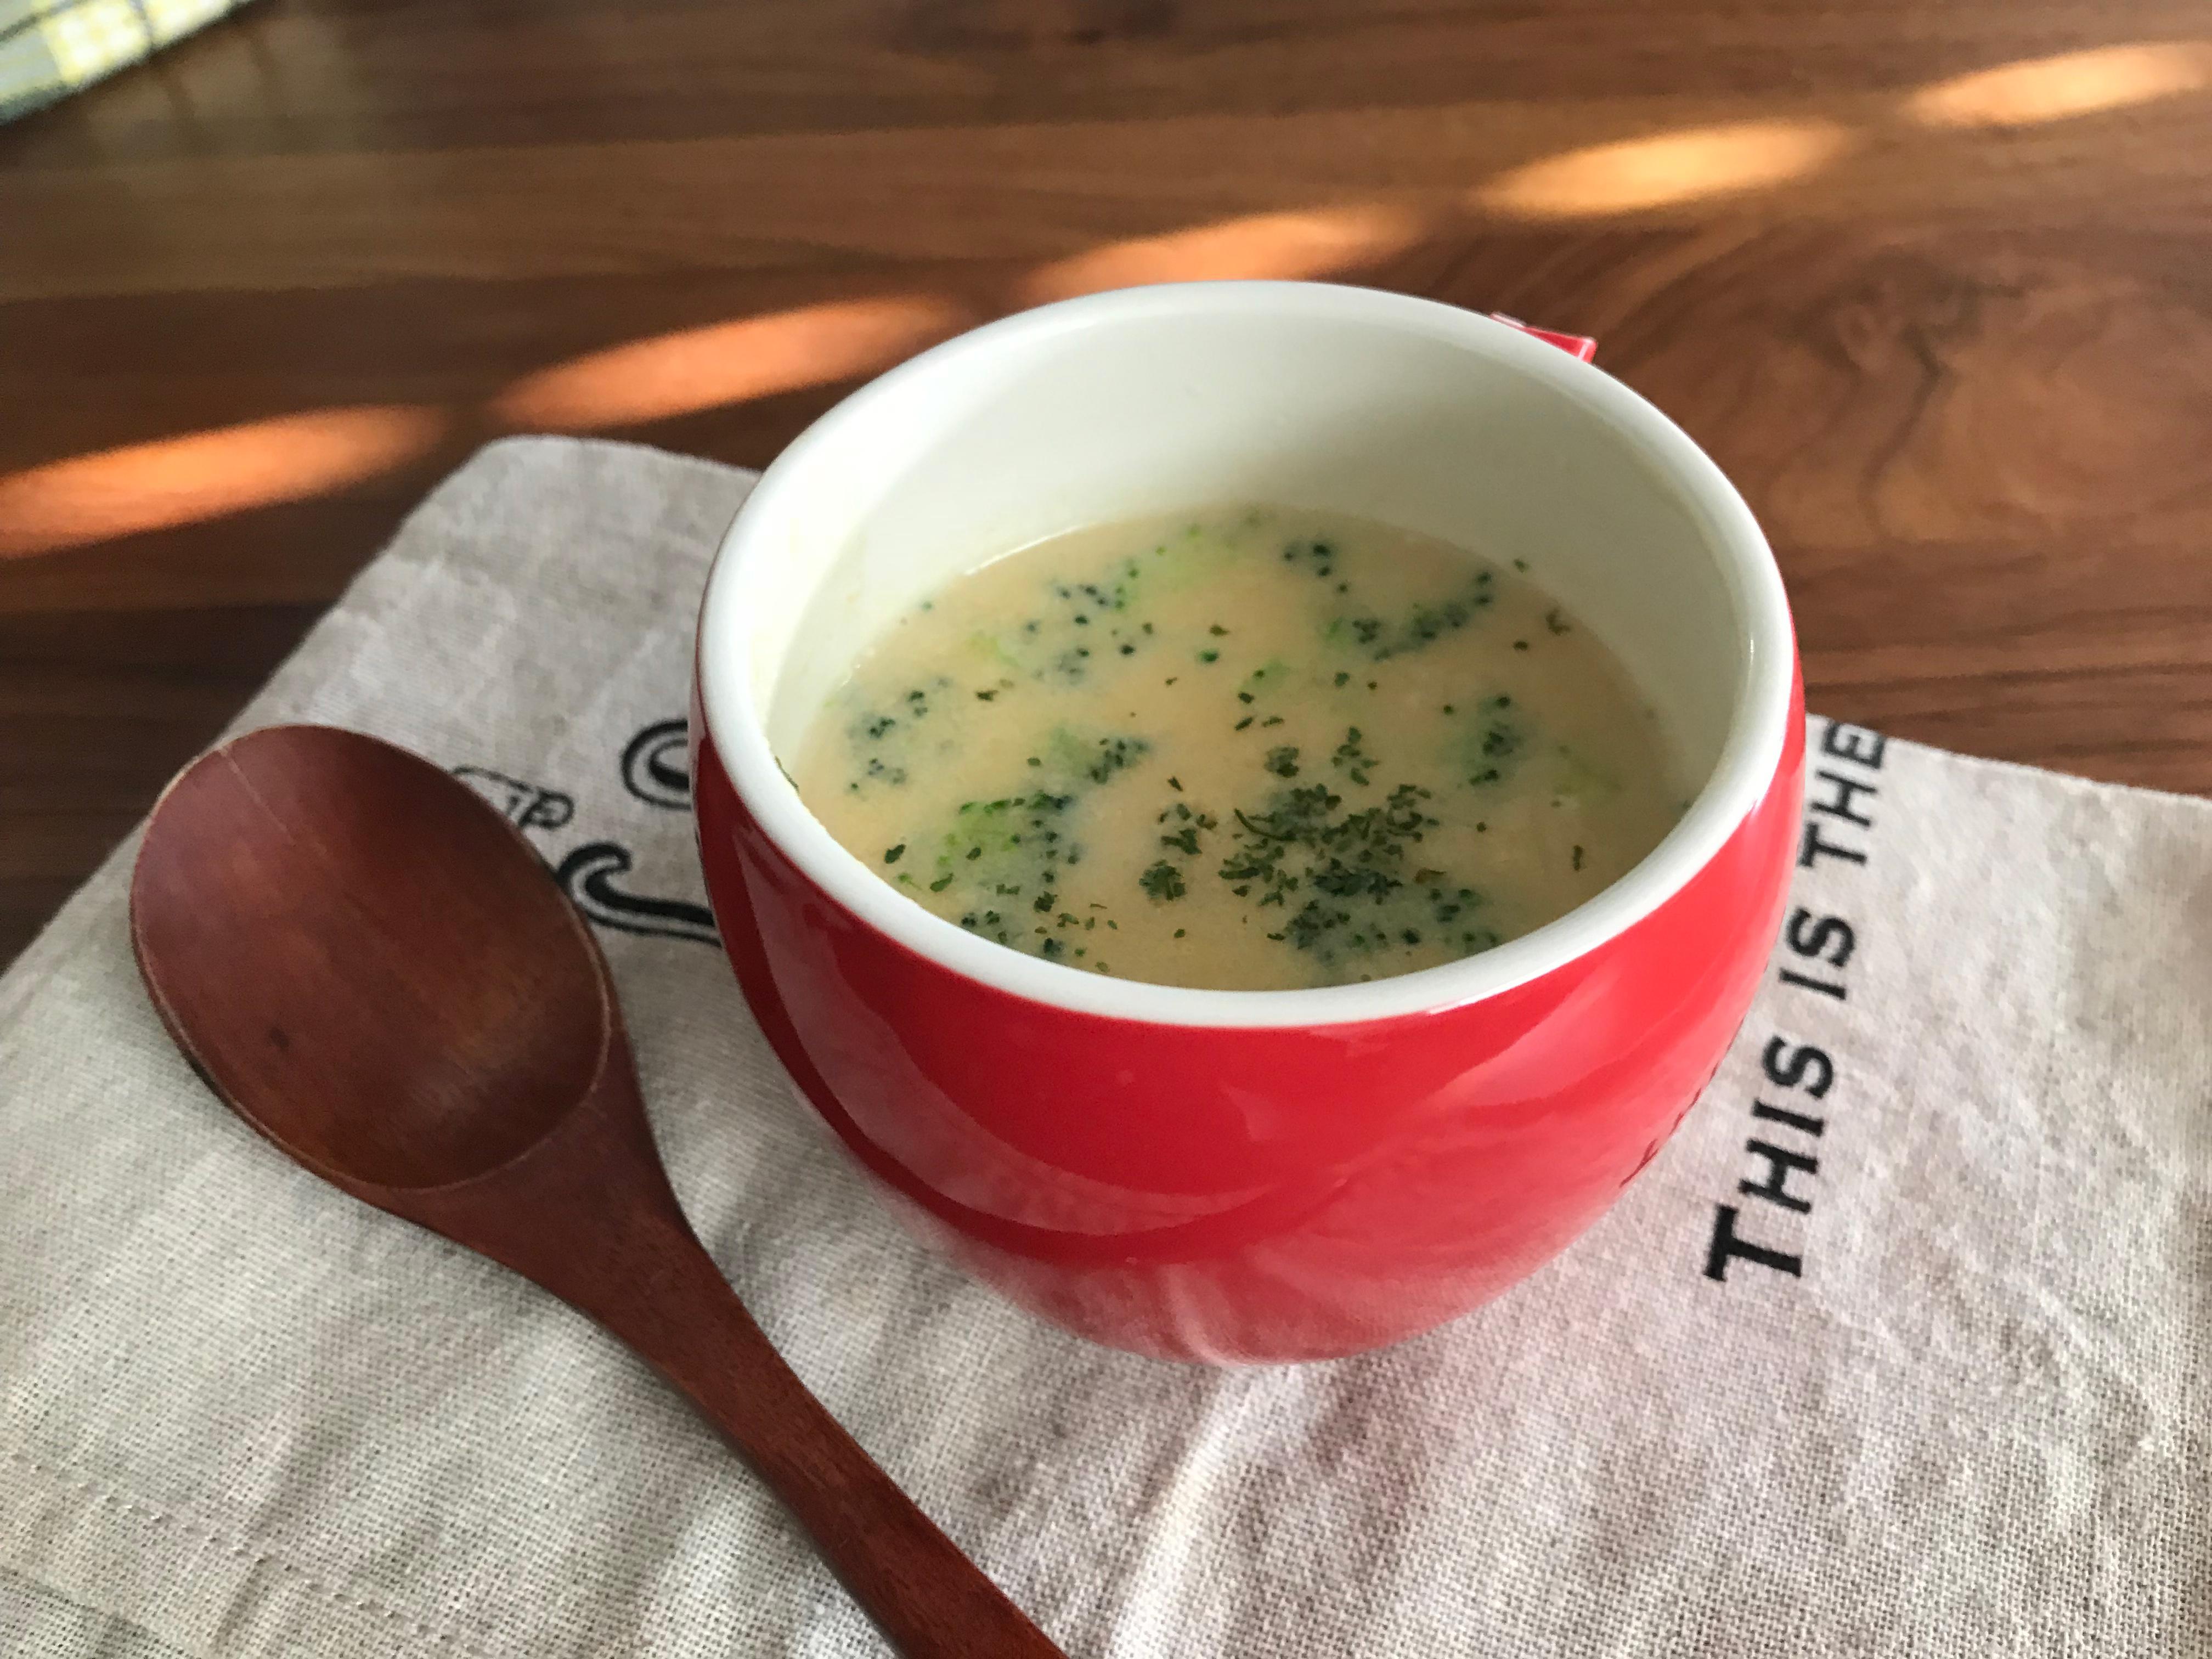 豆乳とつぶつぶブロッコリーのコーンスープ